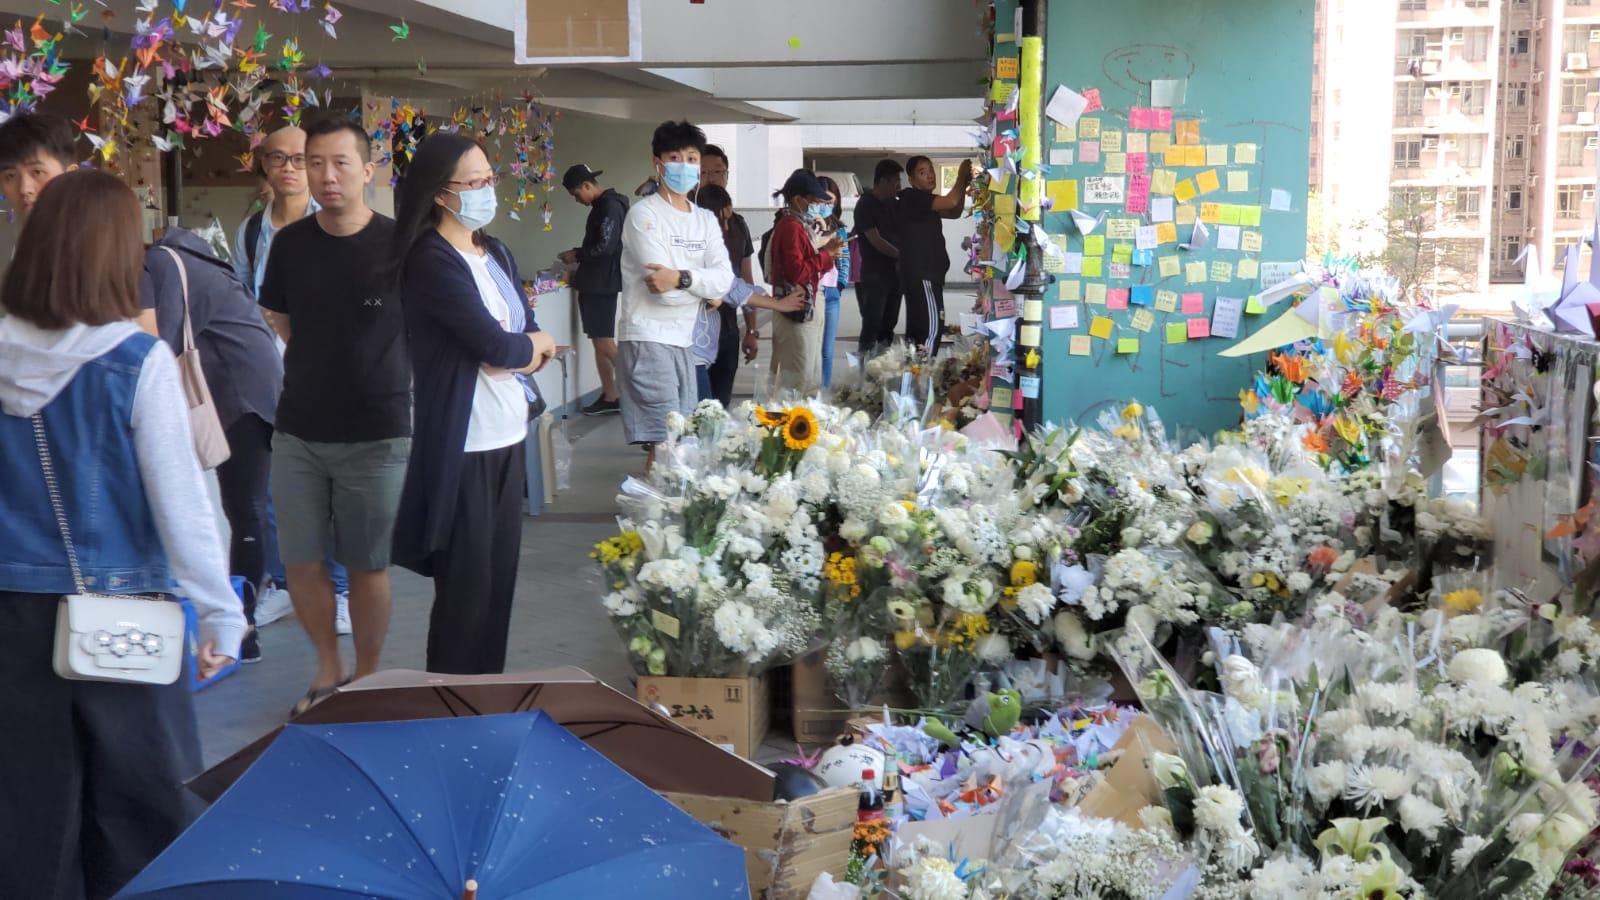 墮樓現場有大量由致祭人士放下的白花和寓意祝福的紙鶴。